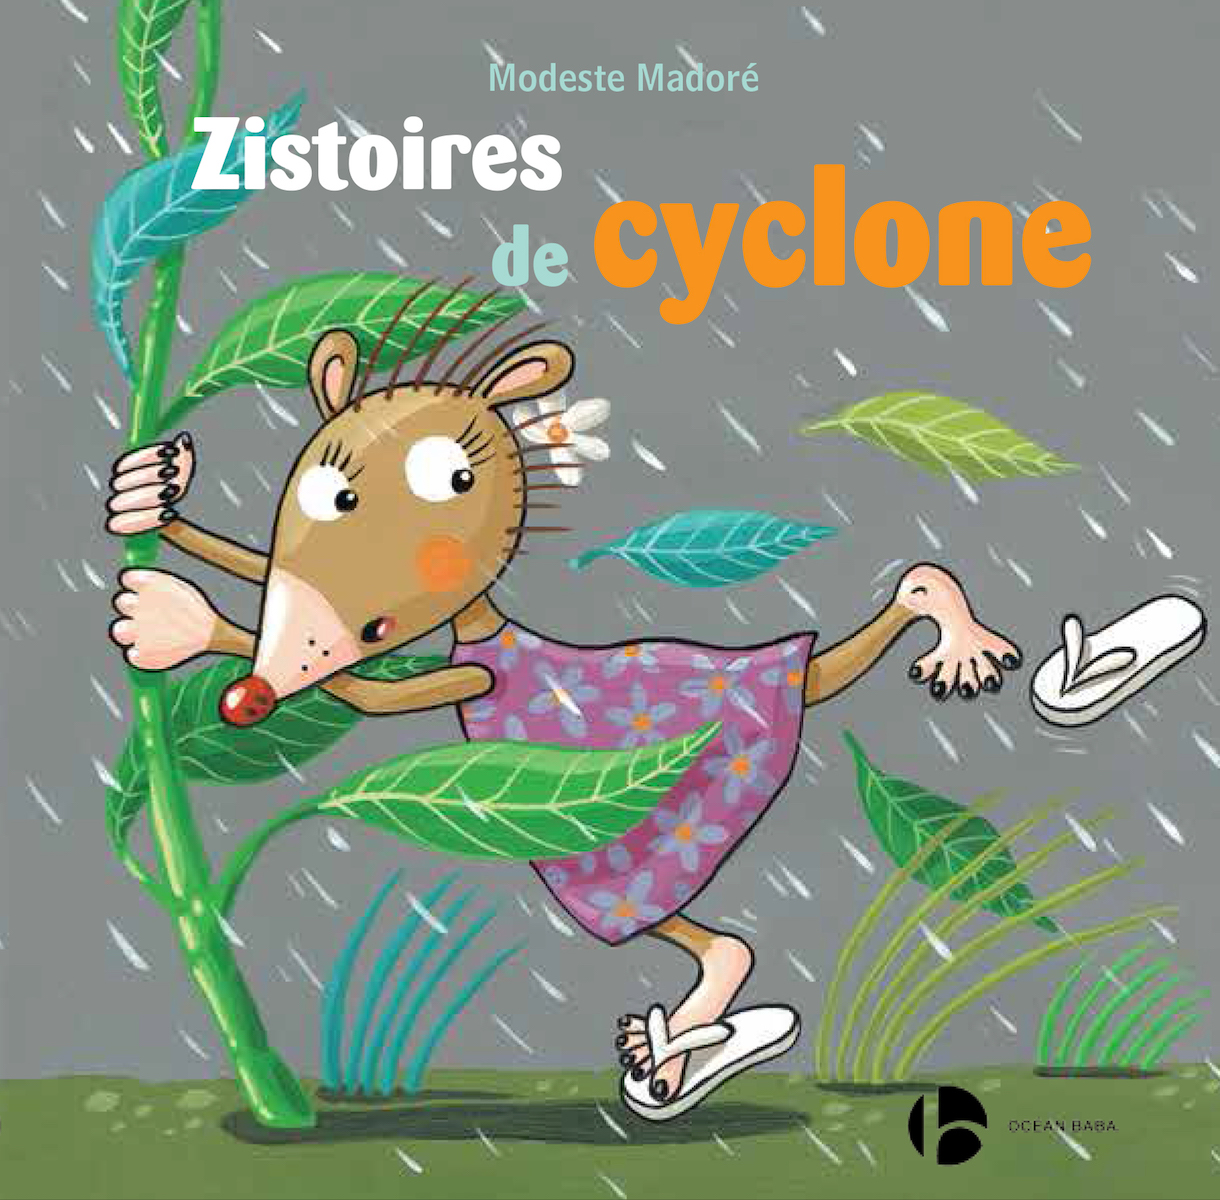 Zistoires de cyclone